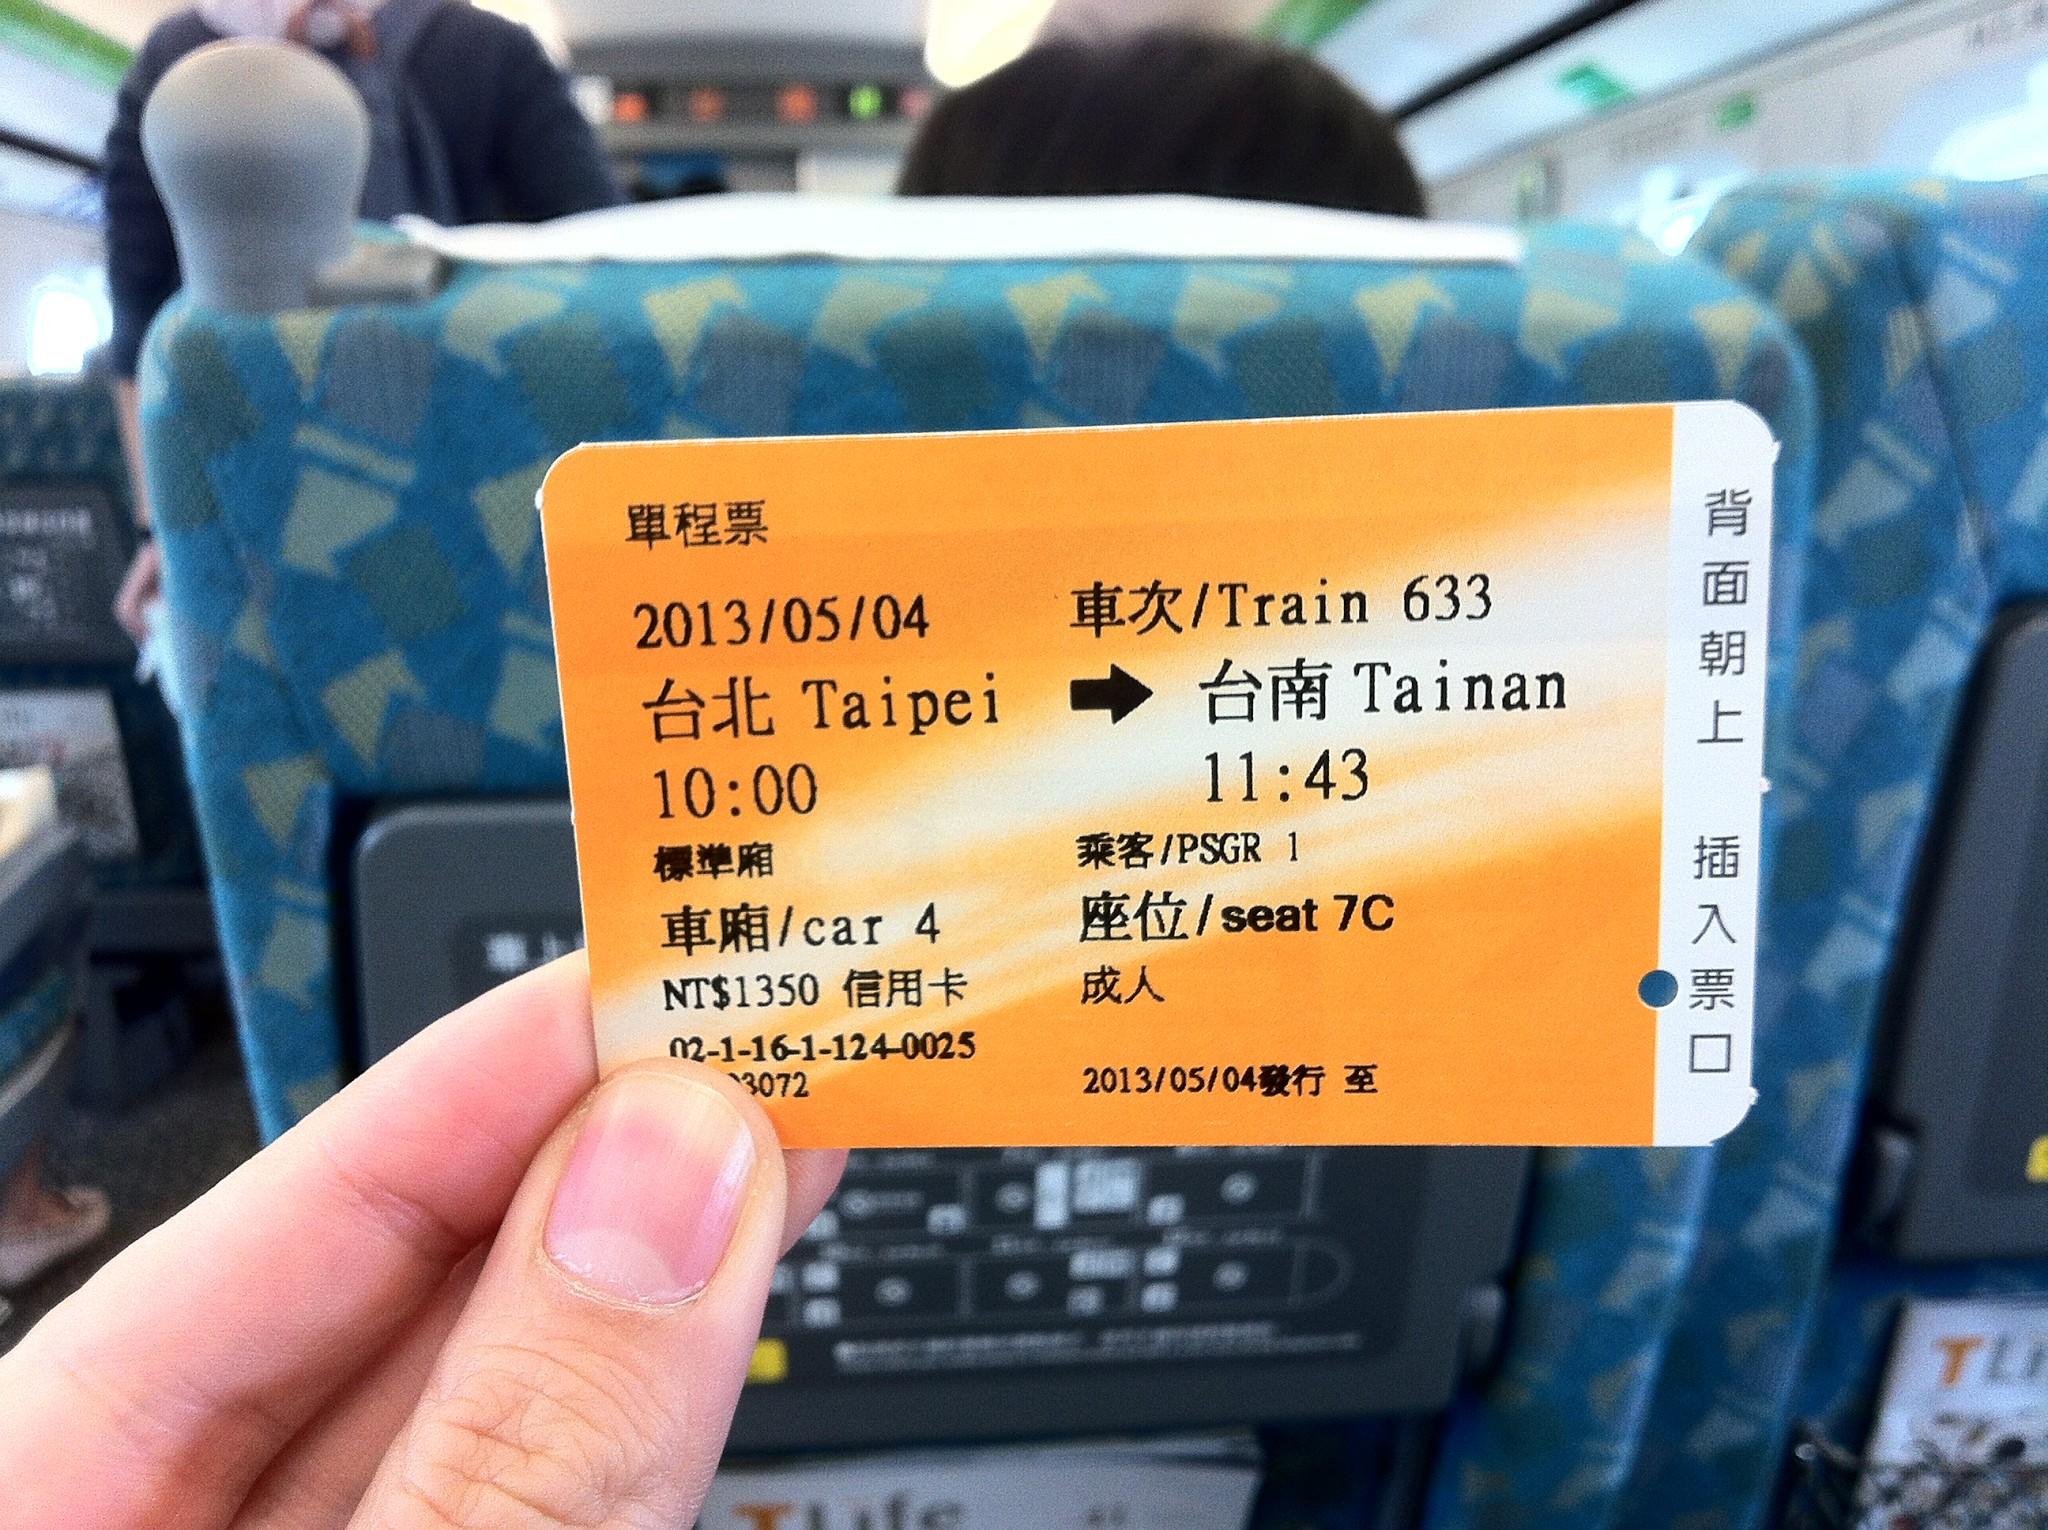 高鐵の切符